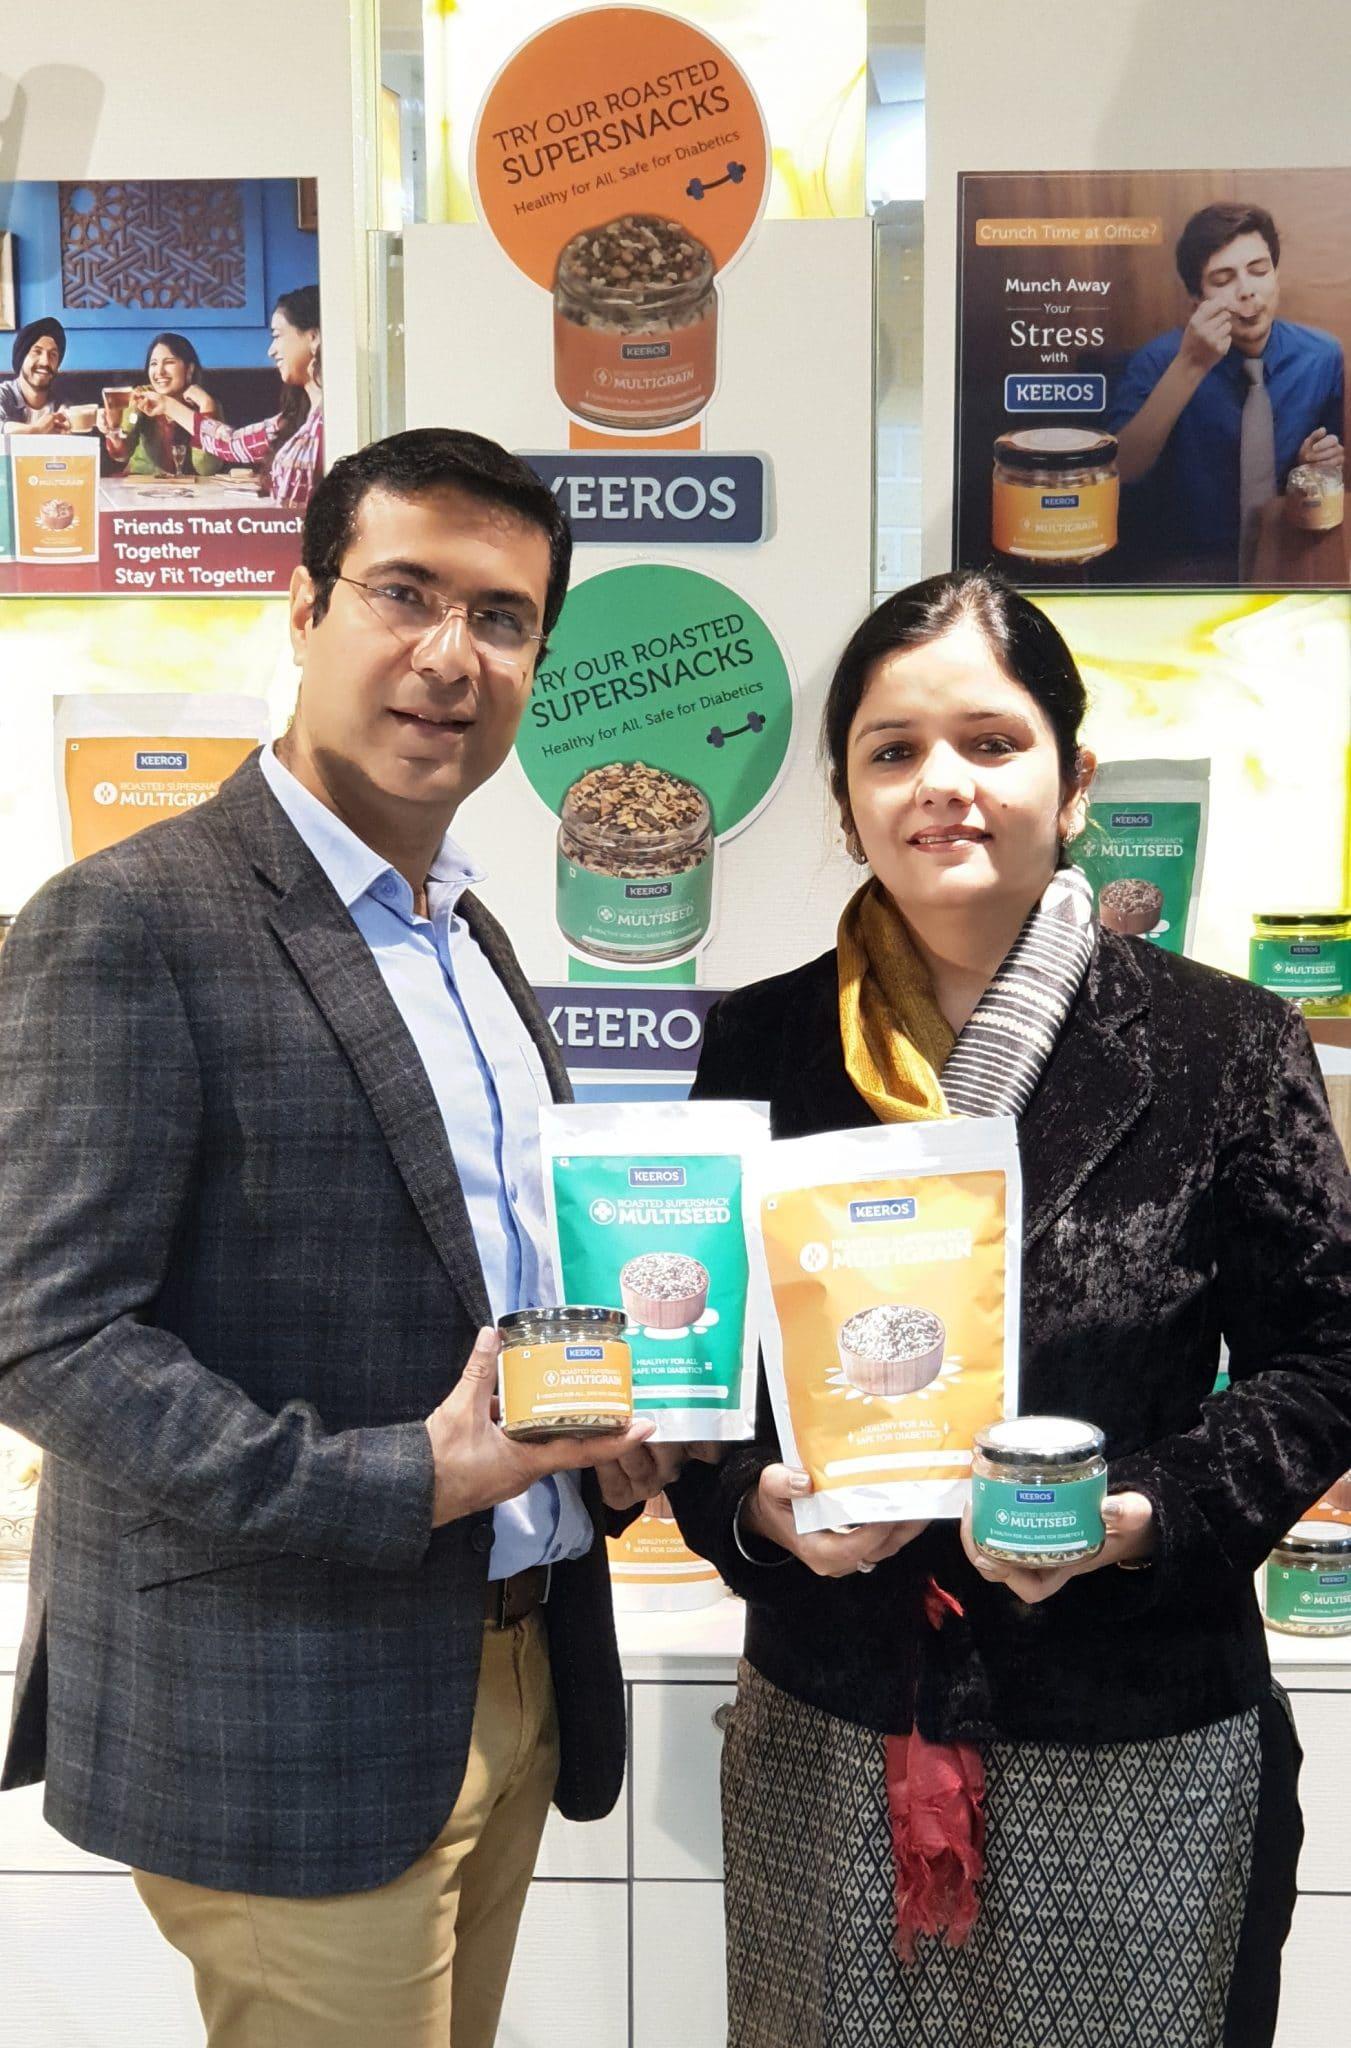 Sachin Sahni Keeros Superfoods